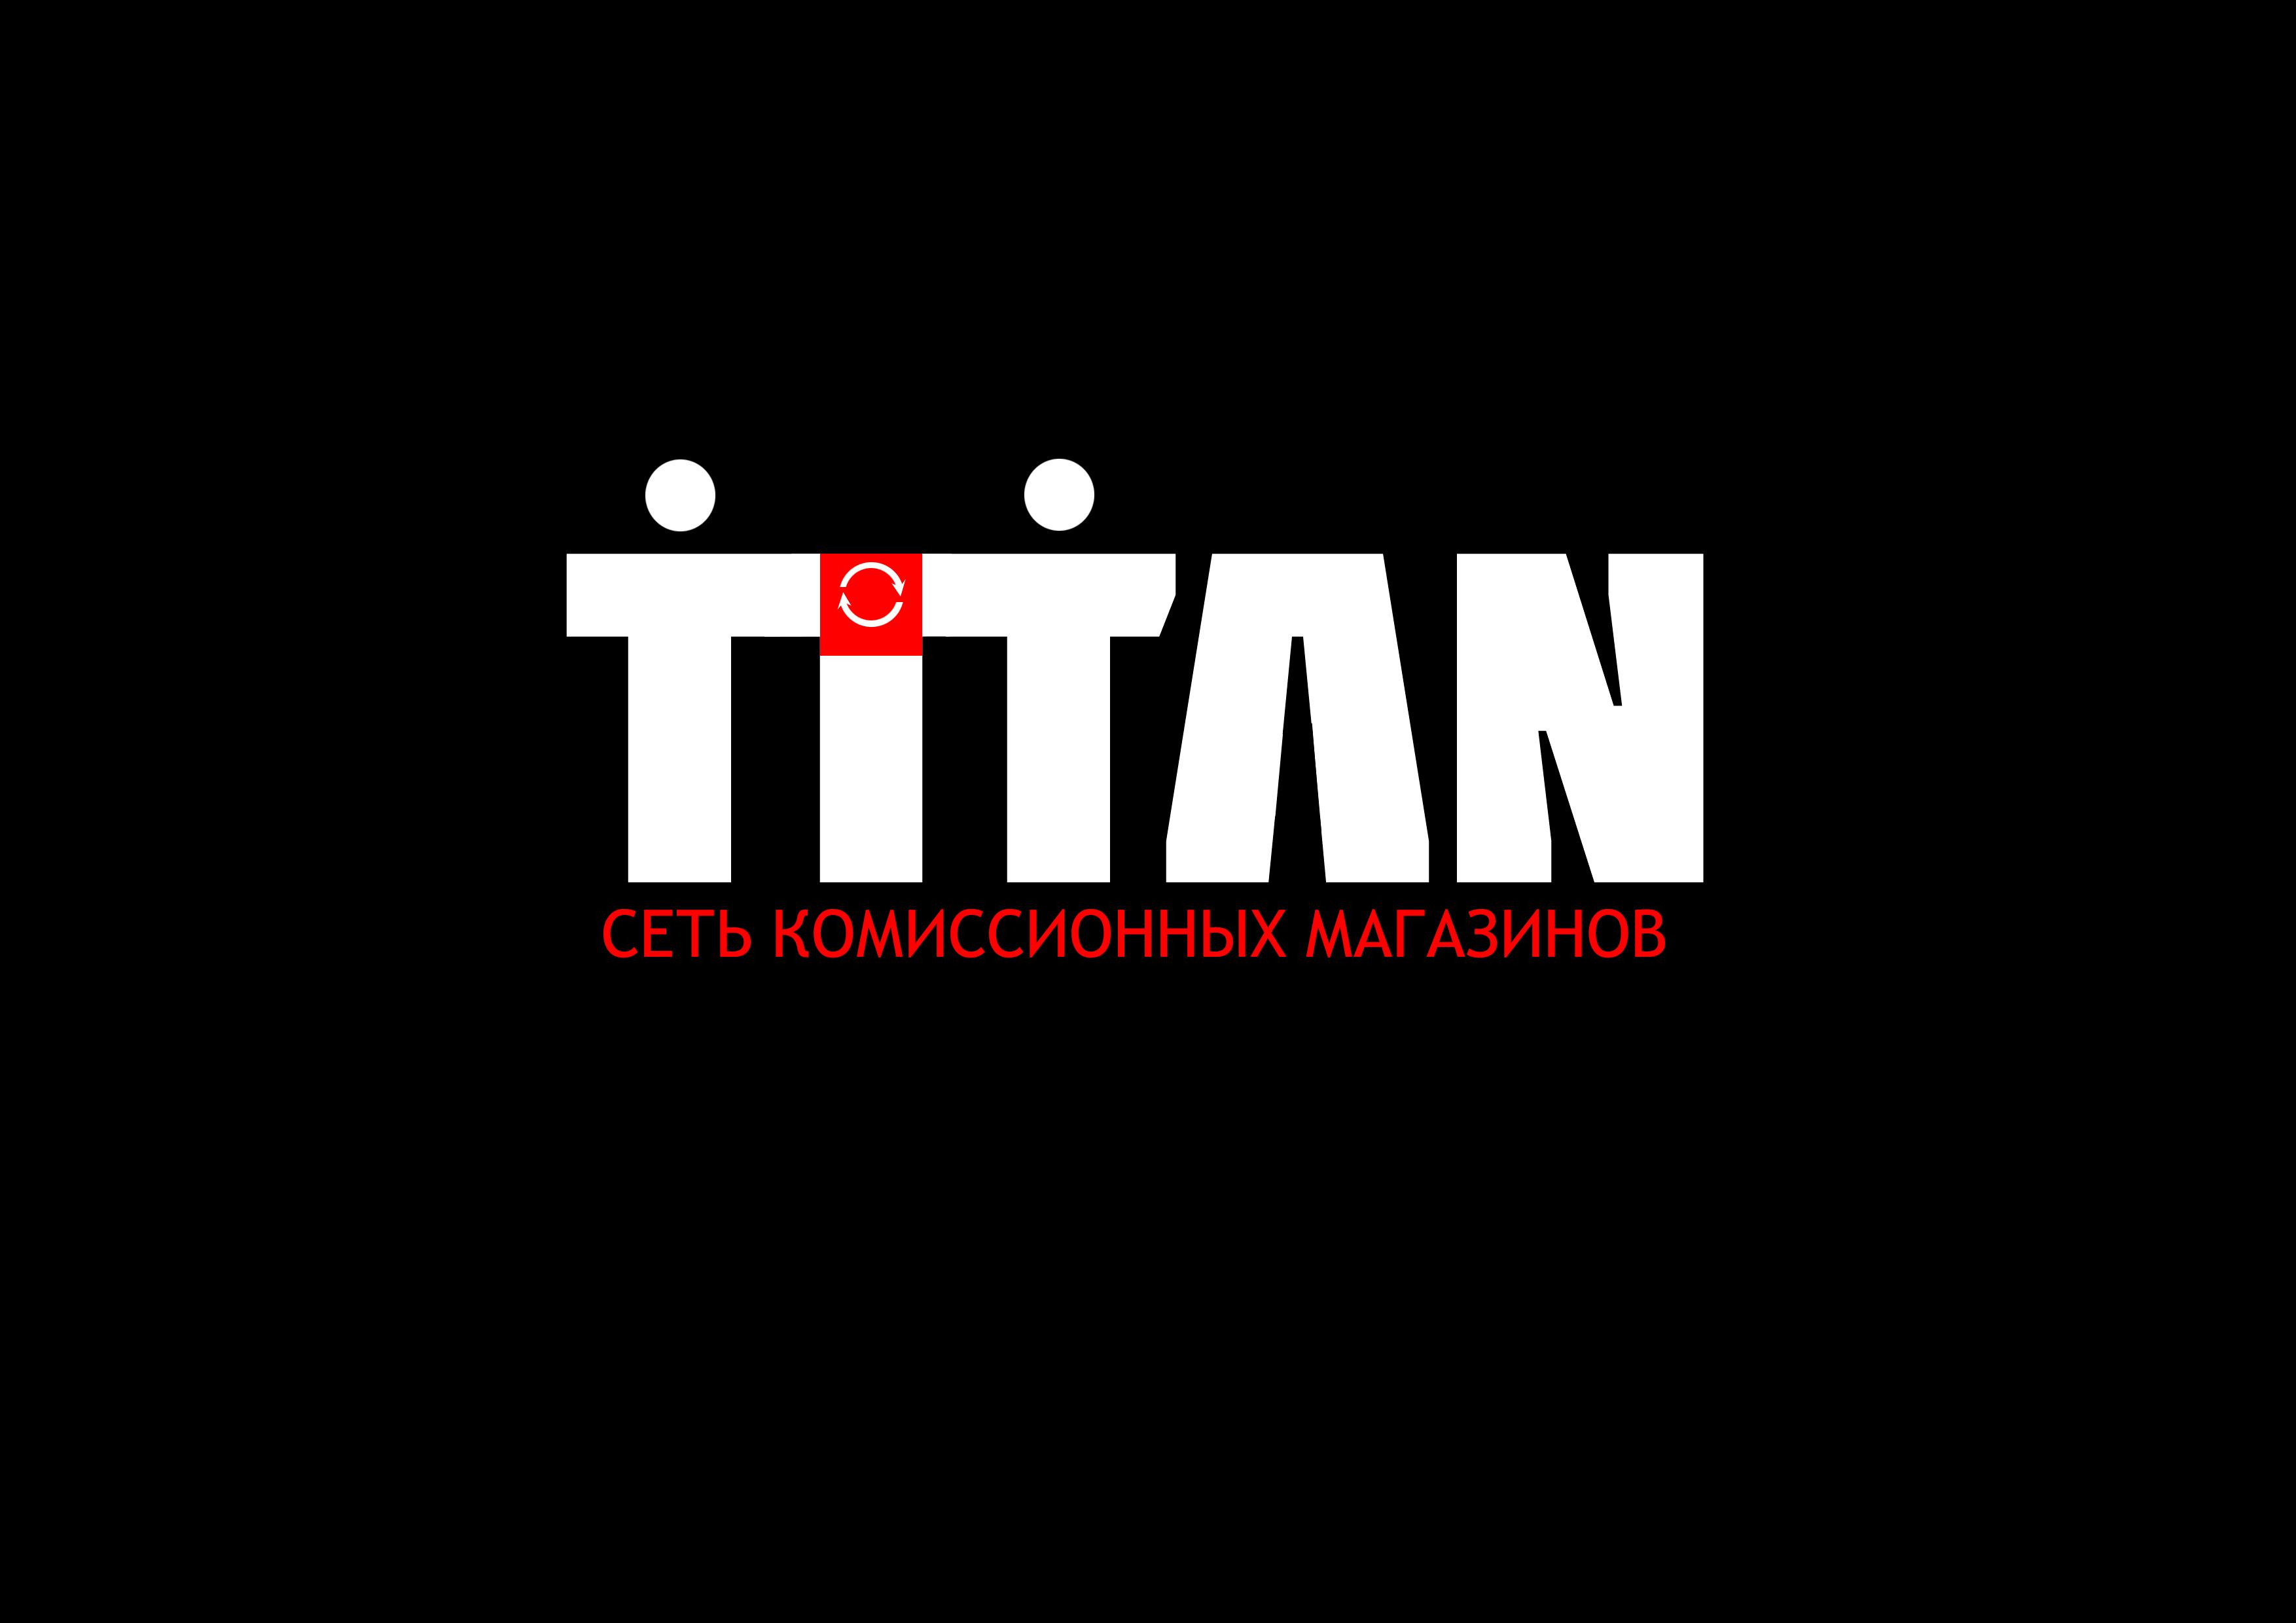 Разработка логотипа (срочно) фото f_6655d4afea1c6b49.png